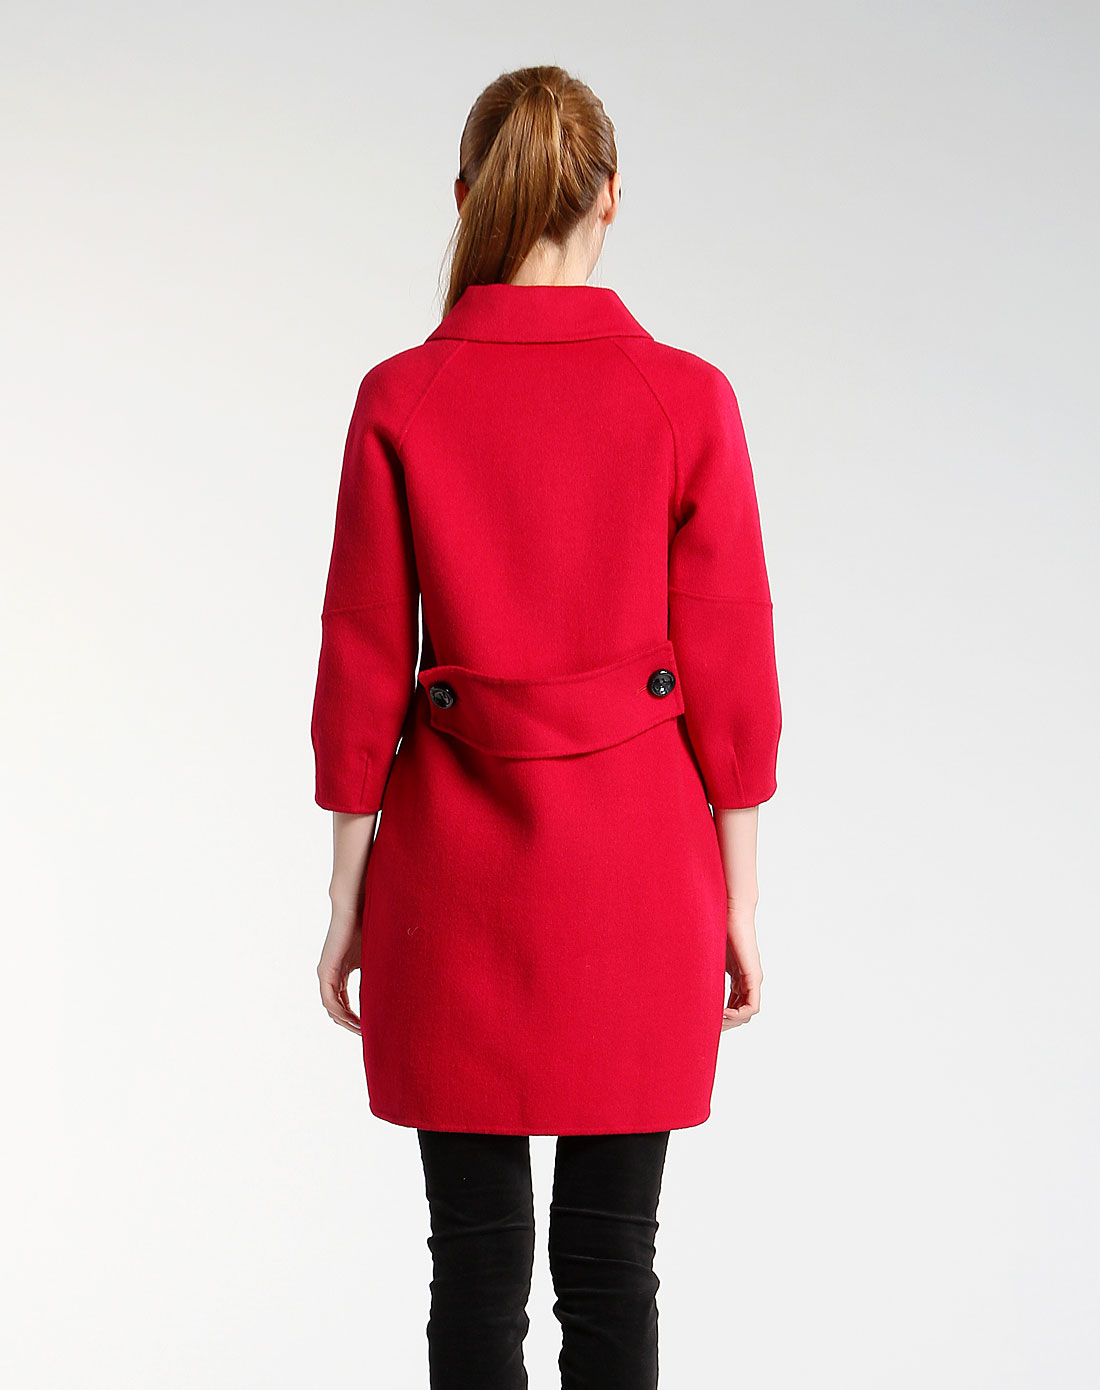 m经典毛呢红色中袖大衣w104c57-5